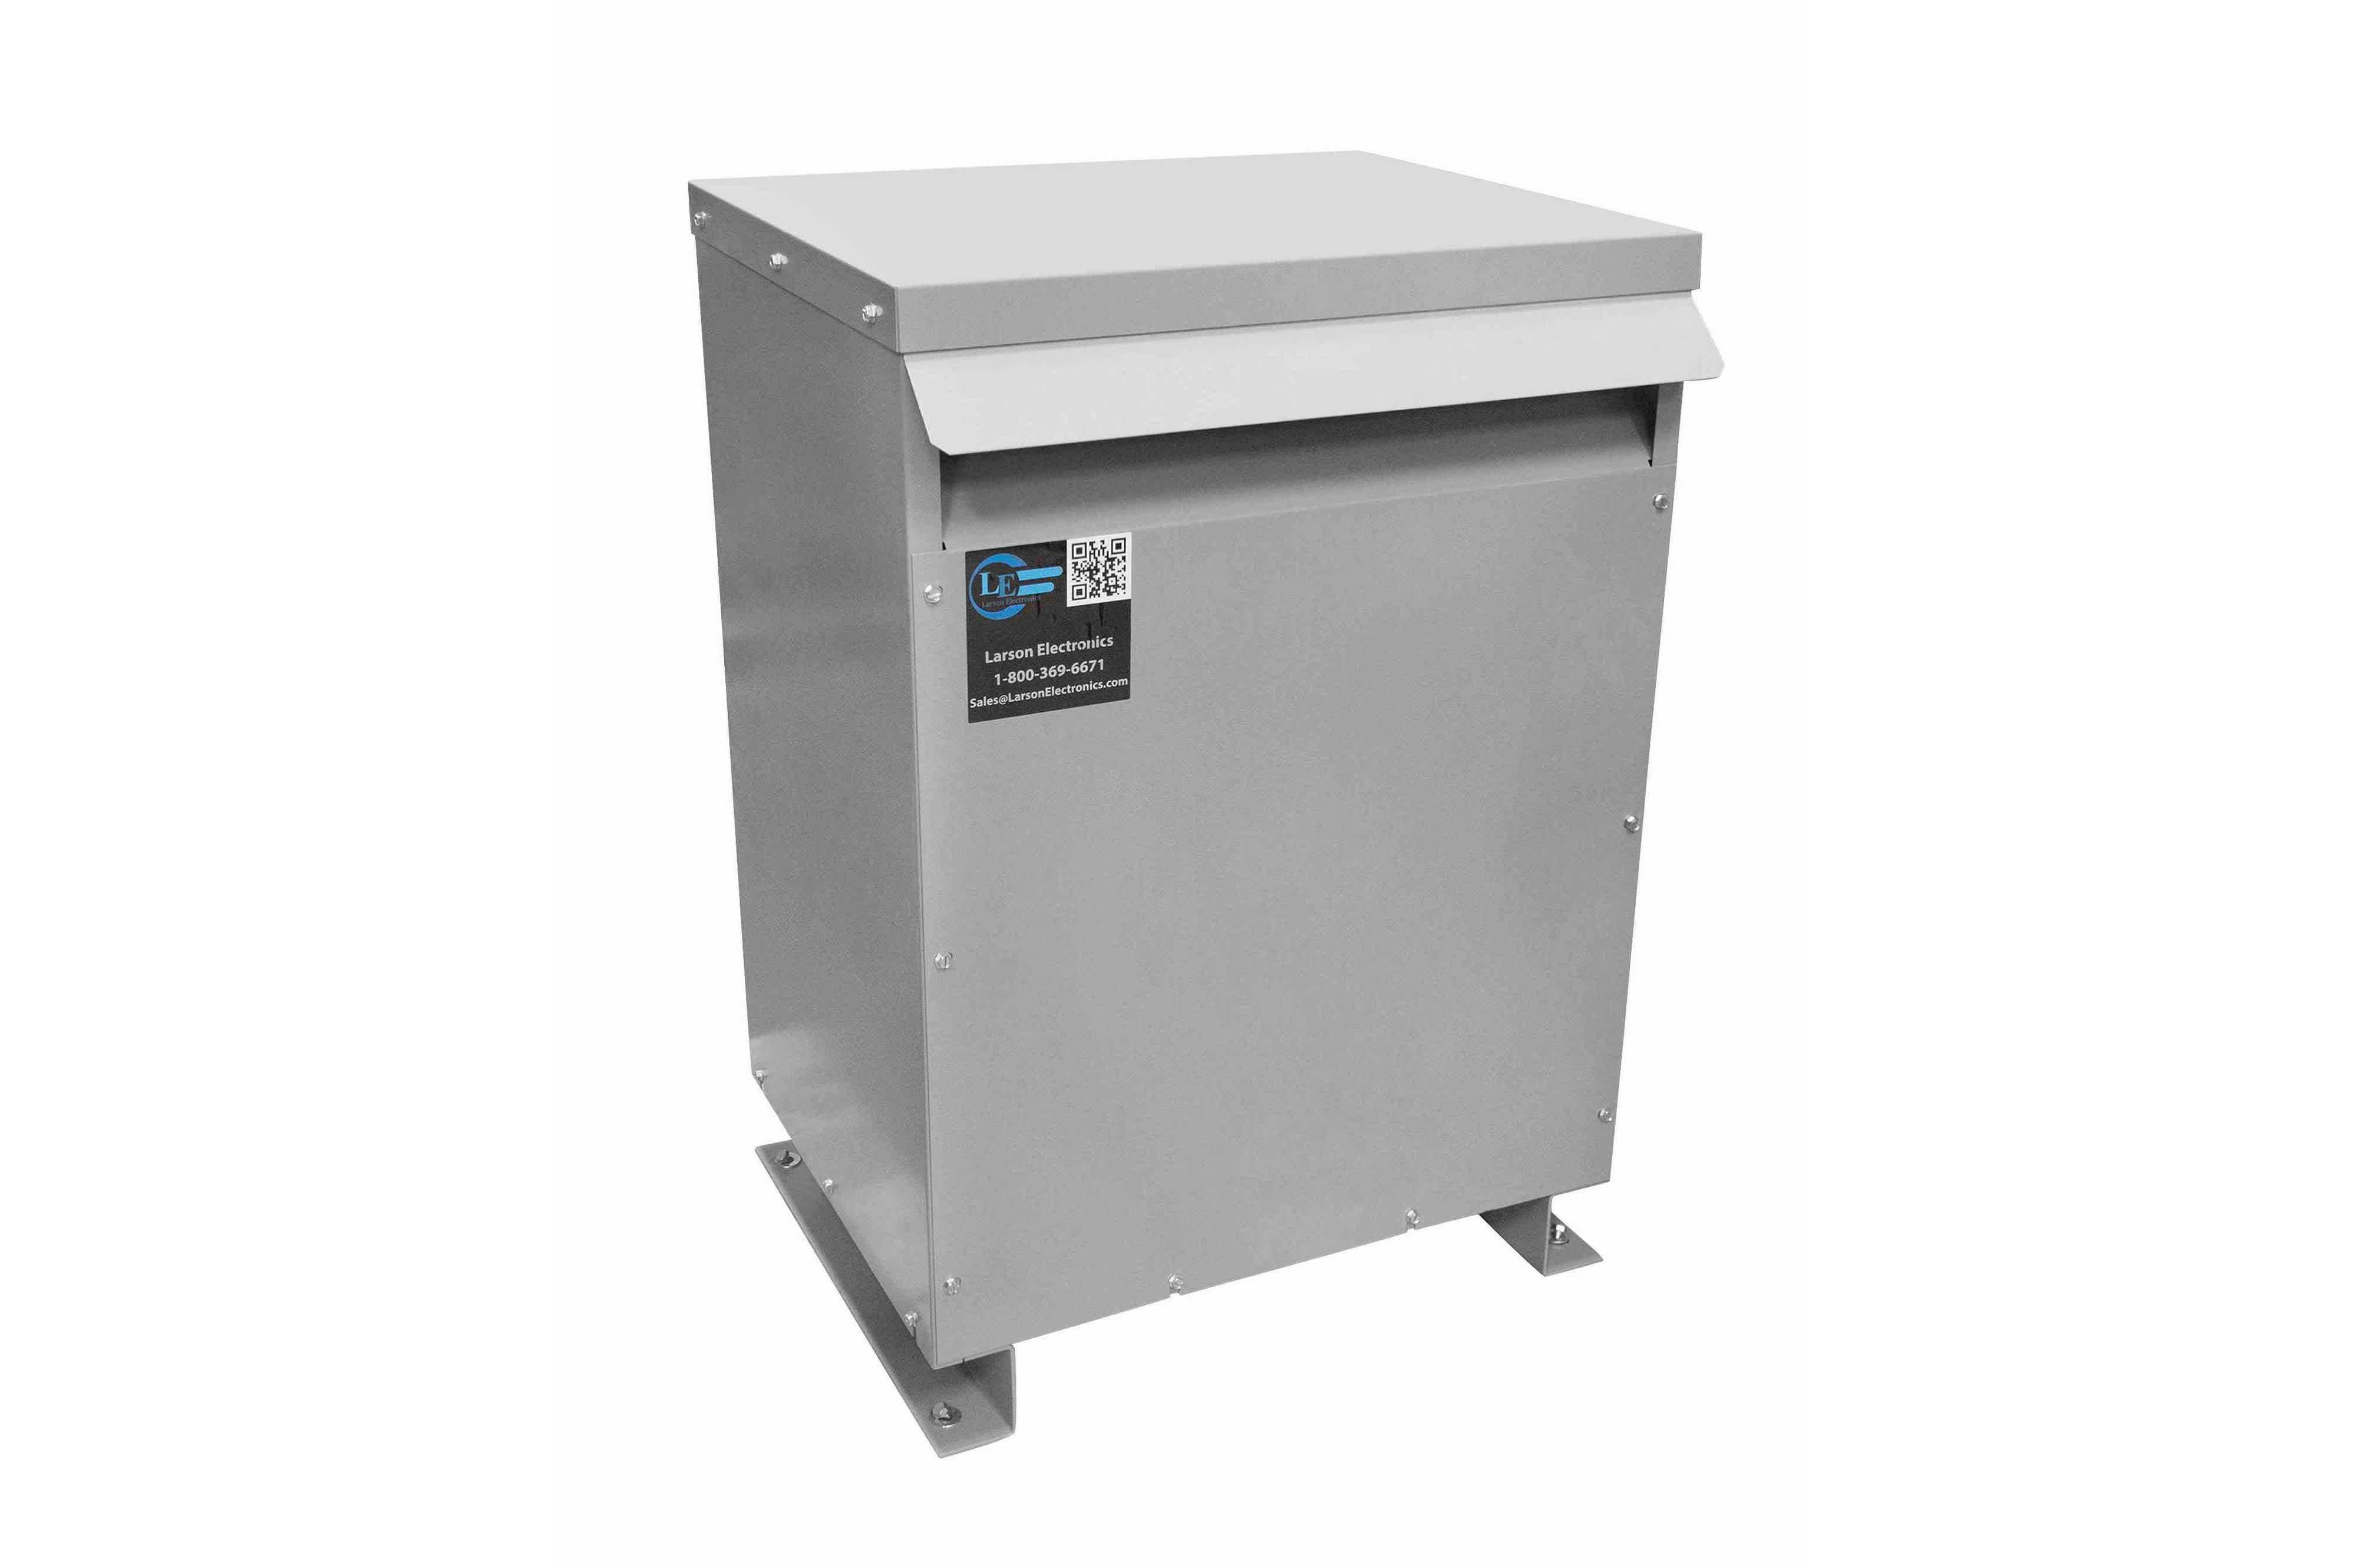 20 kVA 3PH Isolation Transformer, 440V Delta Primary, 240 Delta Secondary, N3R, Ventilated, 60 Hz